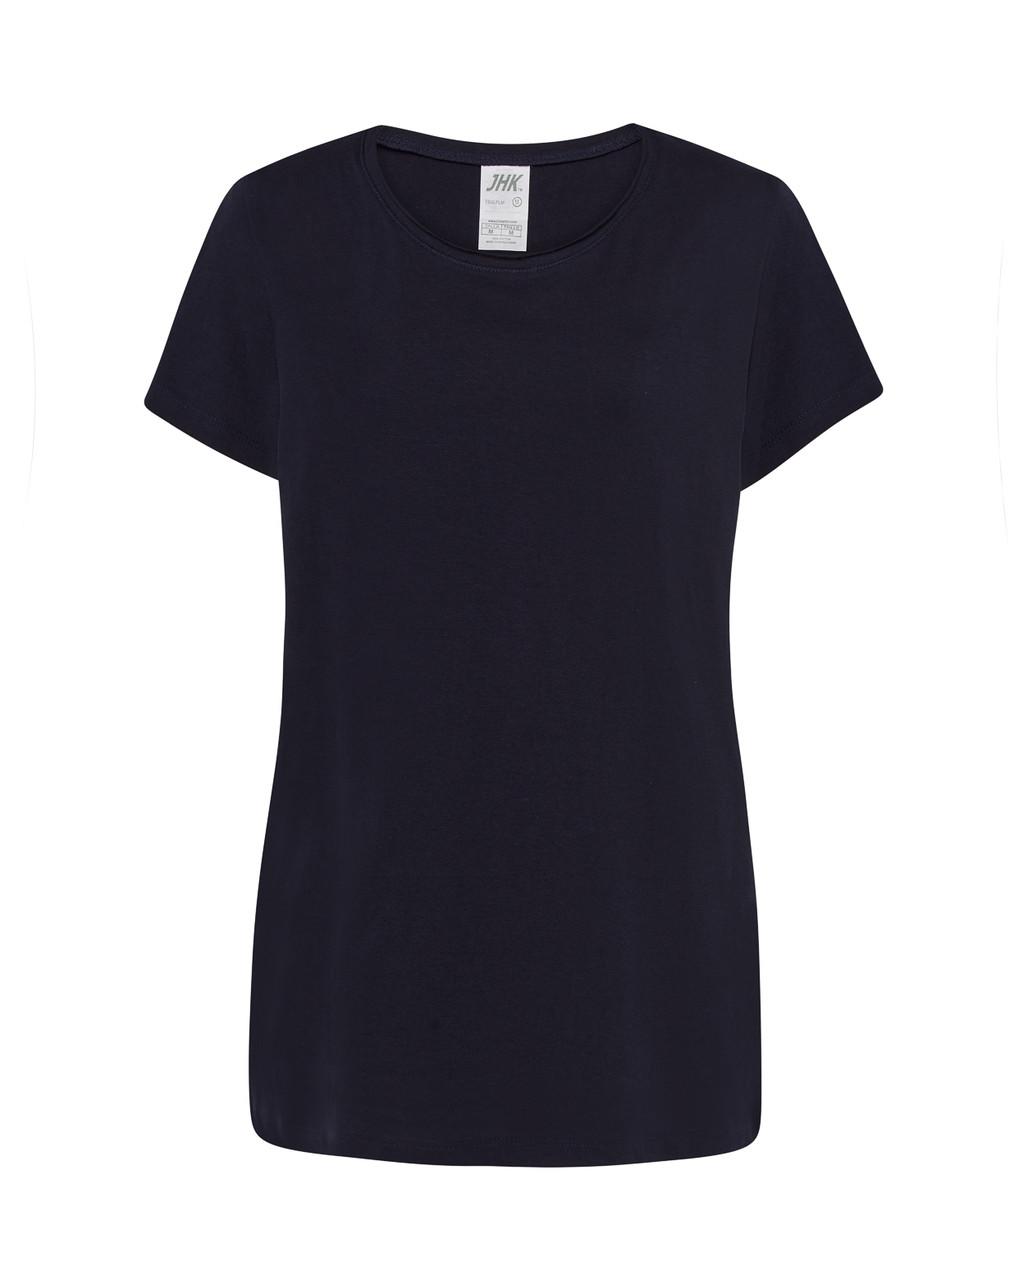 Женская футболка JHK PALMA темно-синий (NY)